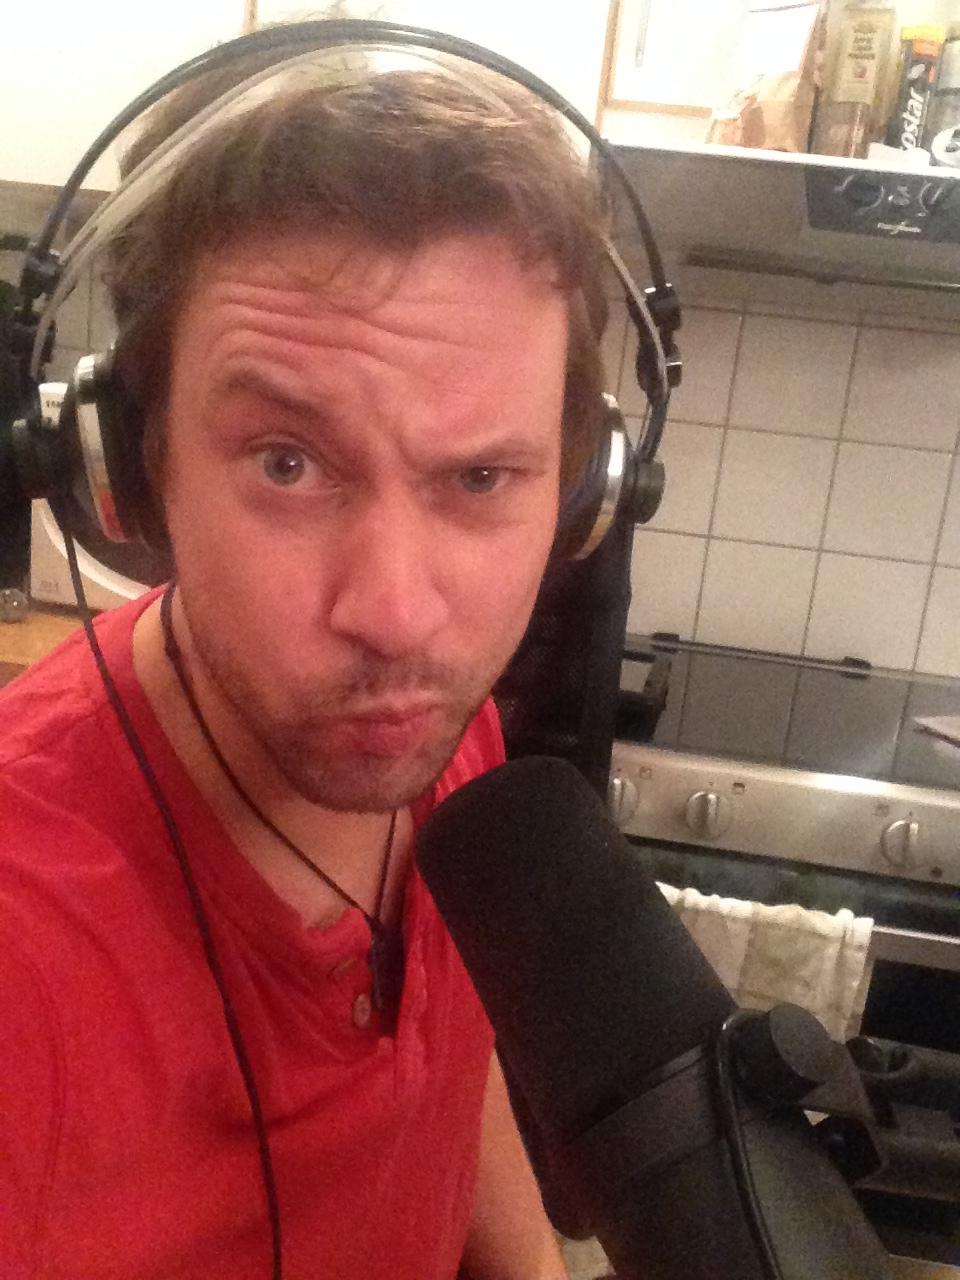 19 - Magnus selfie